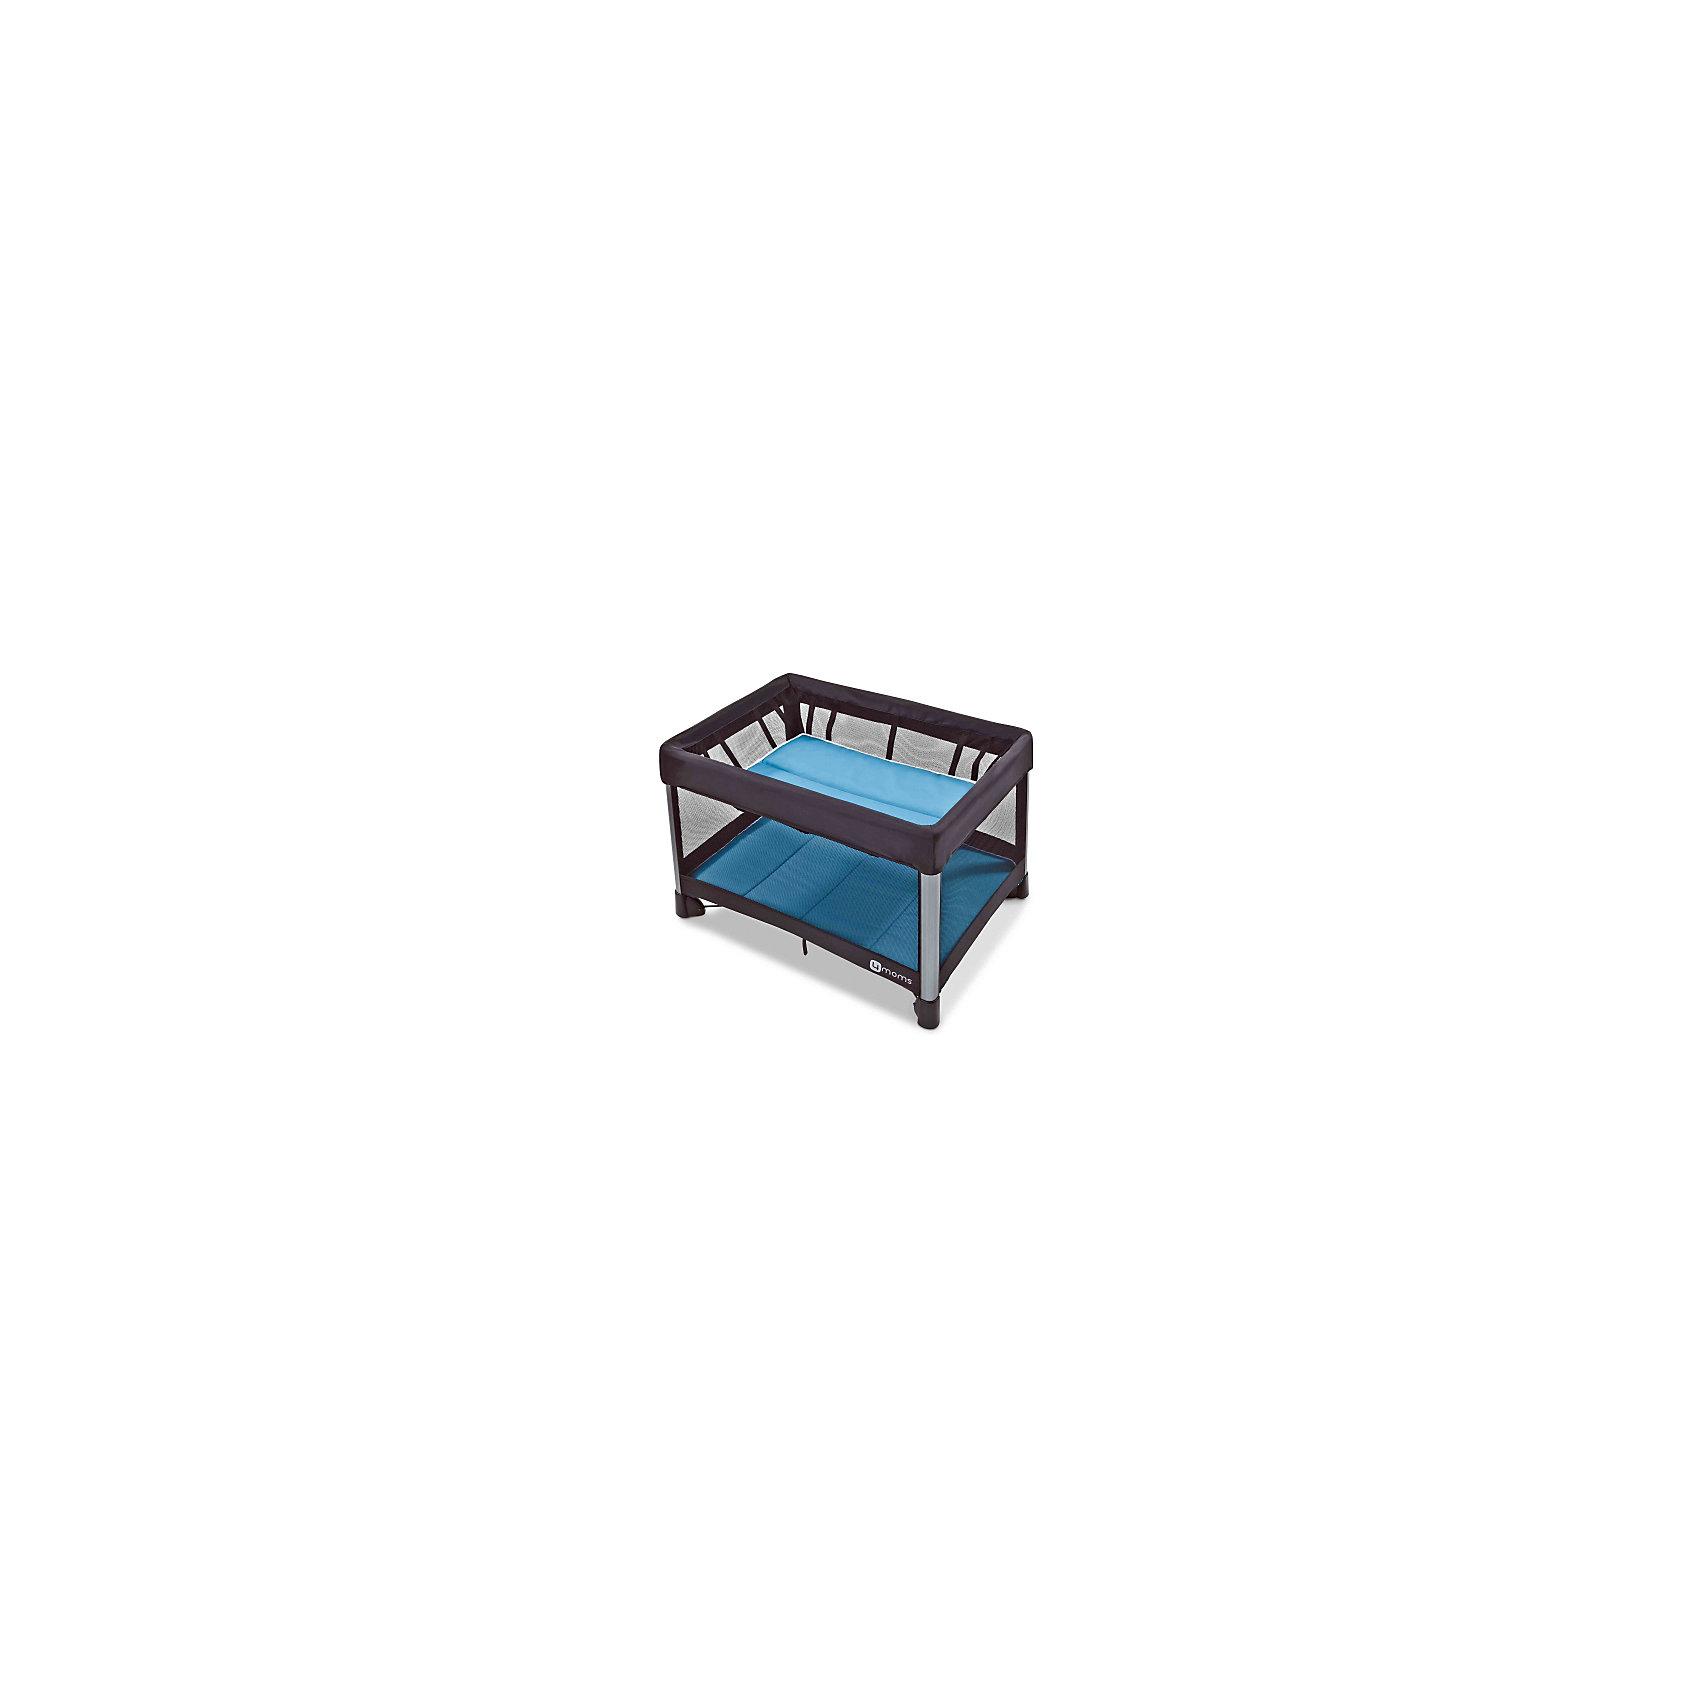 Манеж-кровать, 4moms, бриз голубойМанежи-кроватки<br>Характеристики товара:<br><br>• возраст с рождения;<br>• максимальный рост ребенка 90 см;<br>• максимальная нагрузка на верхний уровень 8 кг;<br>• максимальная нагрузка на нижний уровень 16 кг;<br>• материал: текстиль, металл, пластик;<br>• в комплекте: манеж, подвесной уровень, 2 матраса, сумка для транспортировки;<br>• размер манежа 115,5х81х73,6 см;<br>• размер в сложенном виде 78х32х32 см;<br>• размер упаковки 79х32х32 см;<br>• вес упаковки 10,9 кг;<br>• страна производитель: США<br><br>Манеж-кровать 4moms Breeze голубой может использоваться и как кроватка для маленького малыша, и как игровой манеж для детей постарше. Стенки выполнены из сетчатого материала, обеспечивающего вентиляцию воздуха. Все углы манежа закрыты тканевыми накладками, чтобы избежать случайных травм. Конструкция манежа отличается хорошей устойчивостью благодаря 4 ножкам и дополнительному упору по центру. Накладки на ножках не царапают напольное покрытие. Складывается манеж одной рукой, достаточно лишь потянуть за специальную петлю. В сложенном виде имеет компактные габариты, что позволяет хранить его дома, не занимая много места, или брать с собой в поездку. <br><br>Манеж-кровать 4moms Breeze голубой можно приобрести в нашем интернет-магазине.<br><br>Ширина мм: 320<br>Глубина мм: 320<br>Высота мм: 790<br>Вес г: 10900<br>Возраст от месяцев: 0<br>Возраст до месяцев: 36<br>Пол: Унисекс<br>Возраст: Детский<br>SKU: 5572068